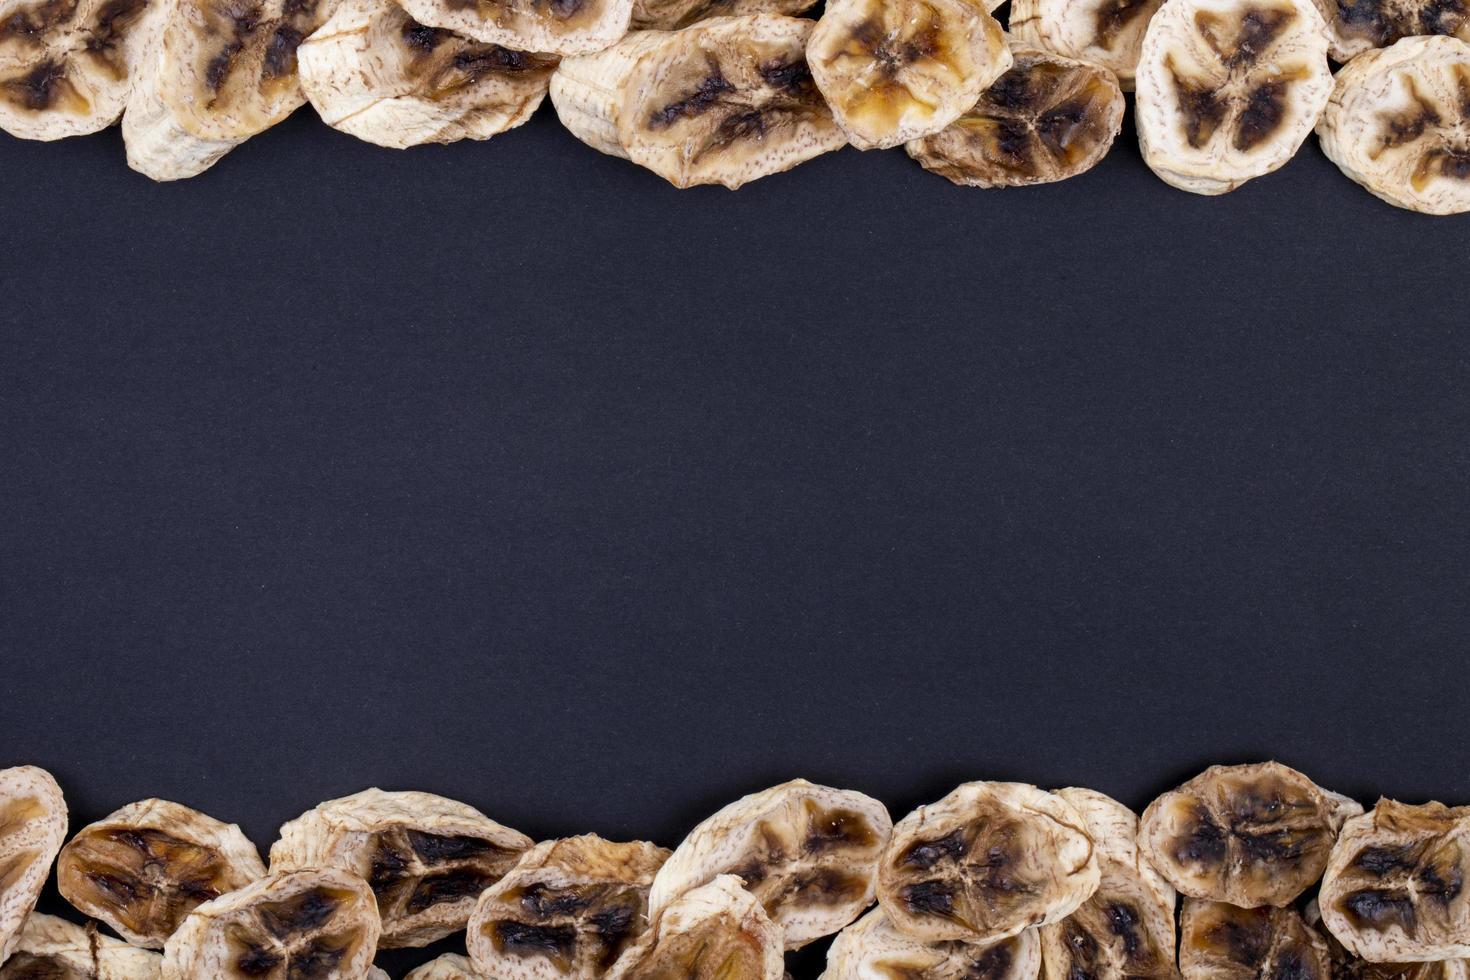 bovenaanzicht van gedroogde bananenchips geïsoleerd op zwarte achtergrond met kopie ruimte foto